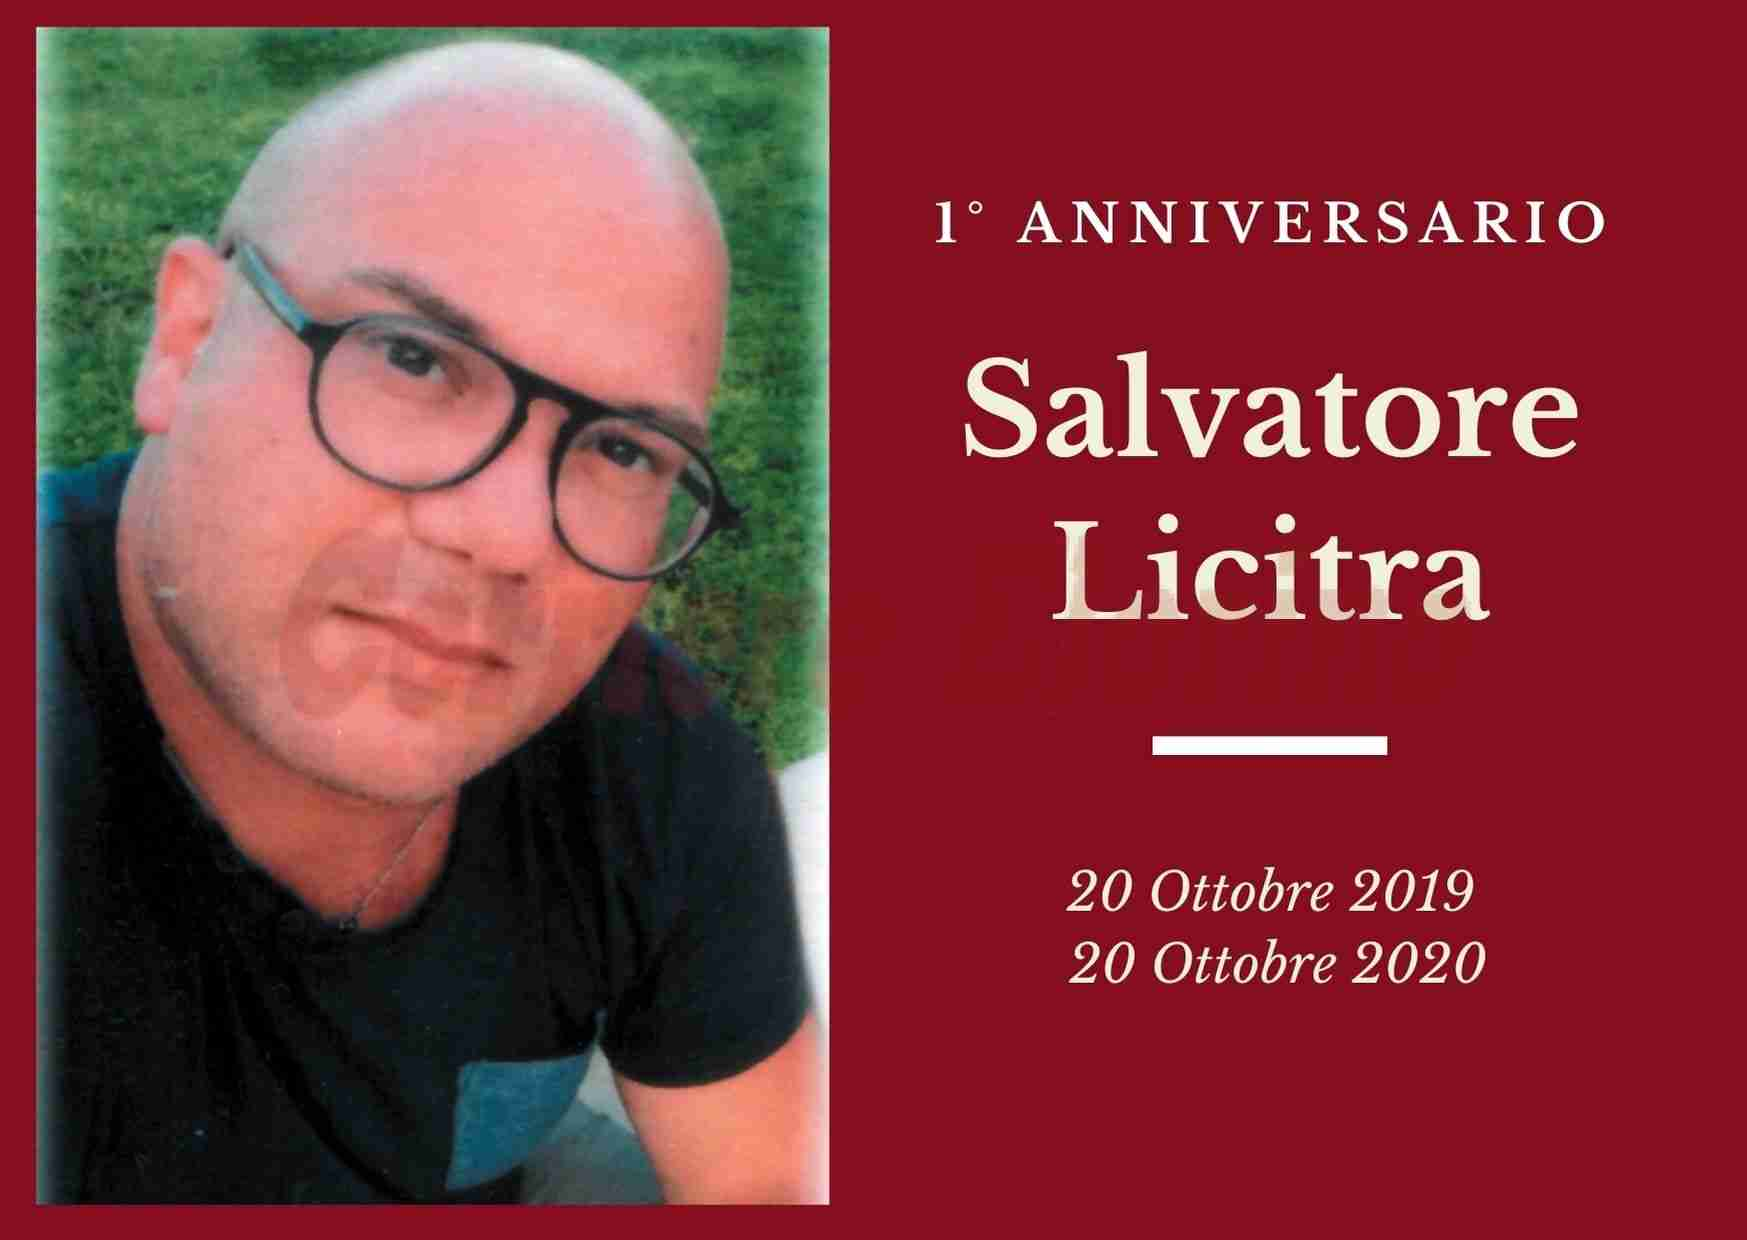 Necrologio: ricorre oggi il 1° anniversario dalla scomparsa del giovane Salvatore Licitra